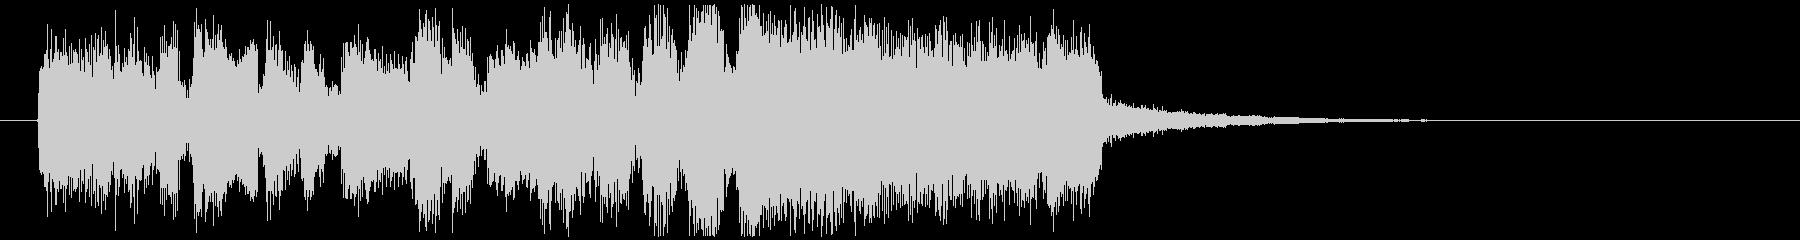 カジノ、ジャズ系ファンファーレ ※5秒版の未再生の波形